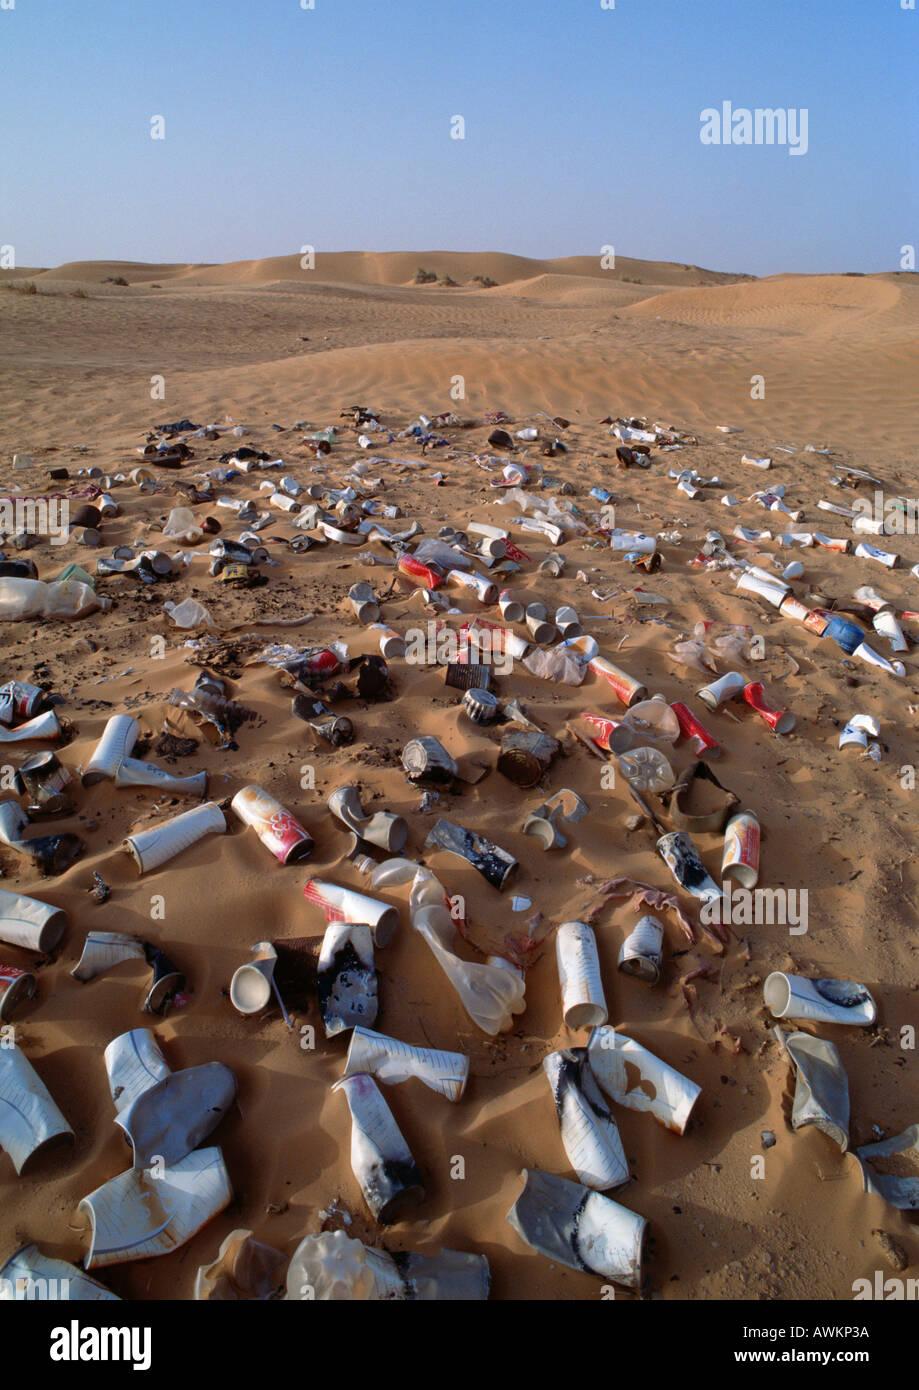 Garbage scattered over desert terrain Stock Photo